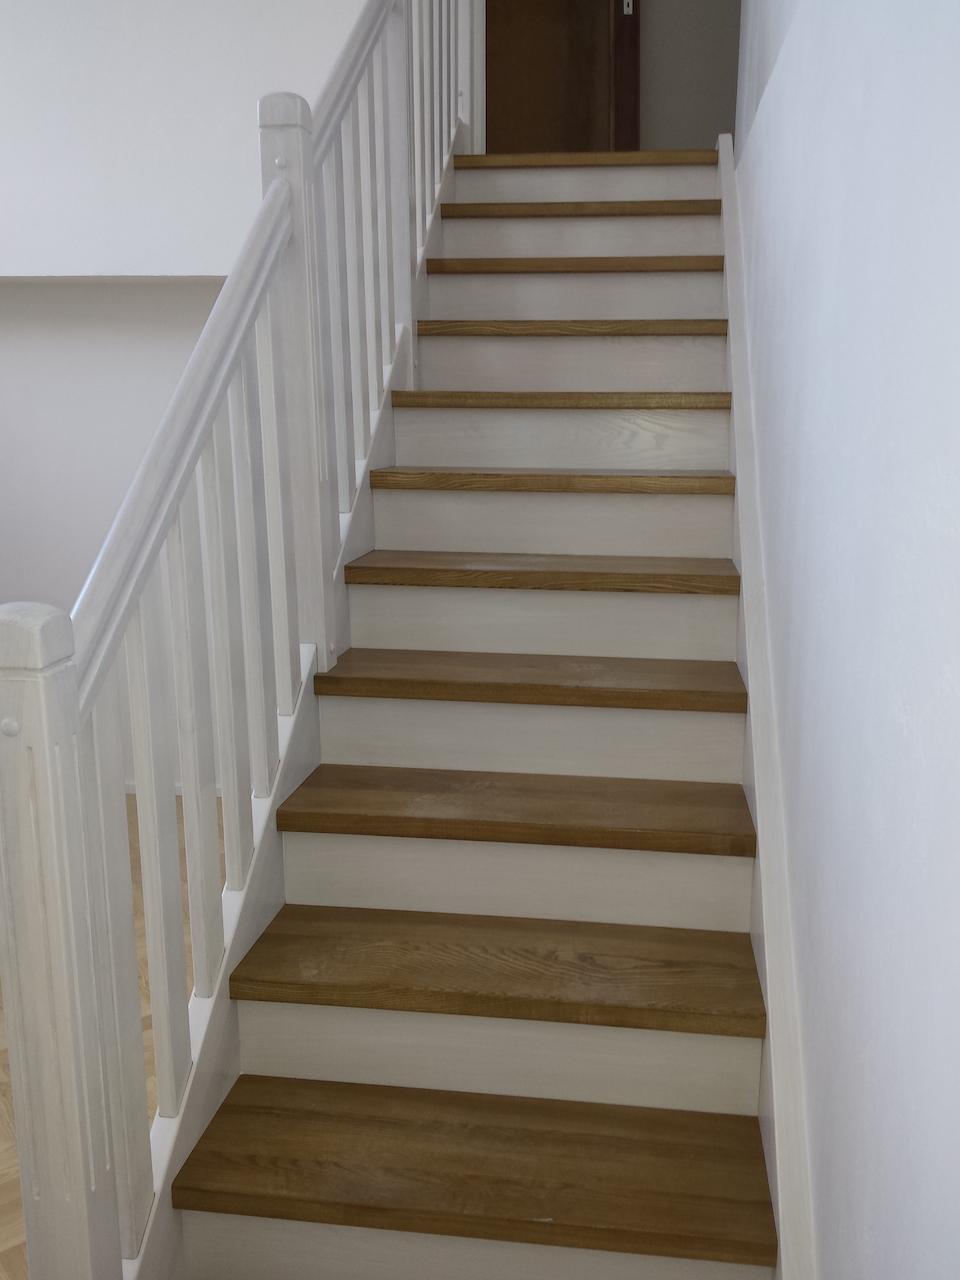 Rovnoramenné dřevěné schodiště